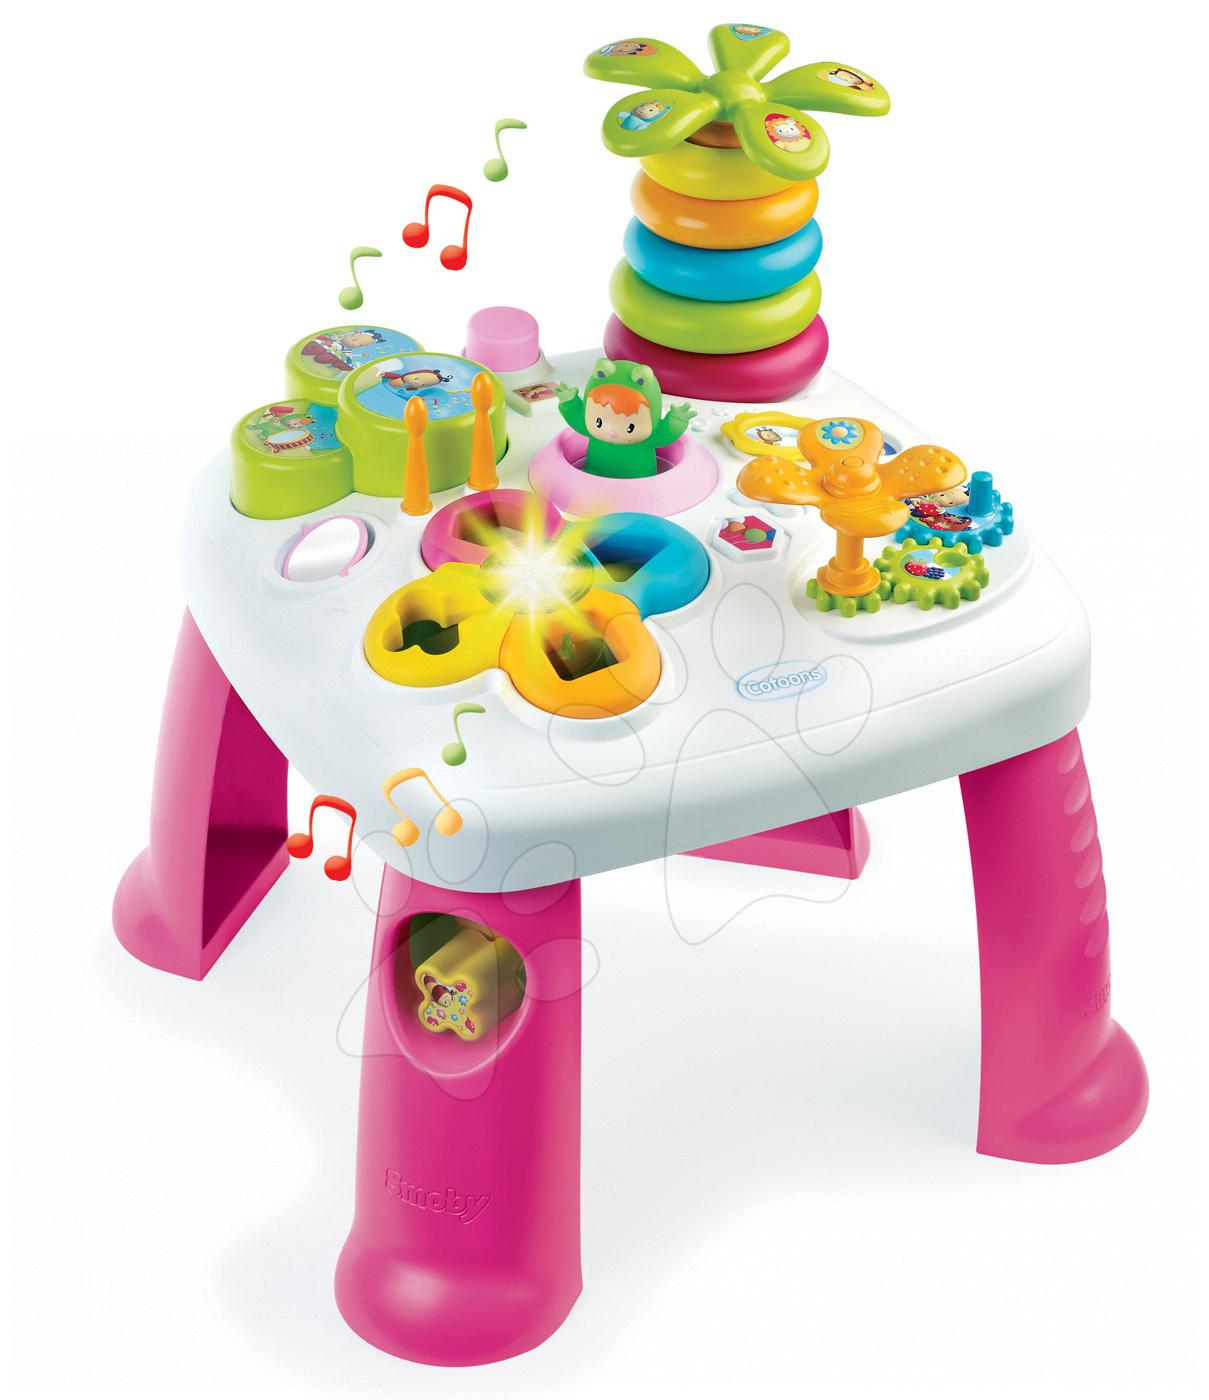 Didaktický stolek Cotoons Smoby se světlem a zvukem růžový od 12 měsíců